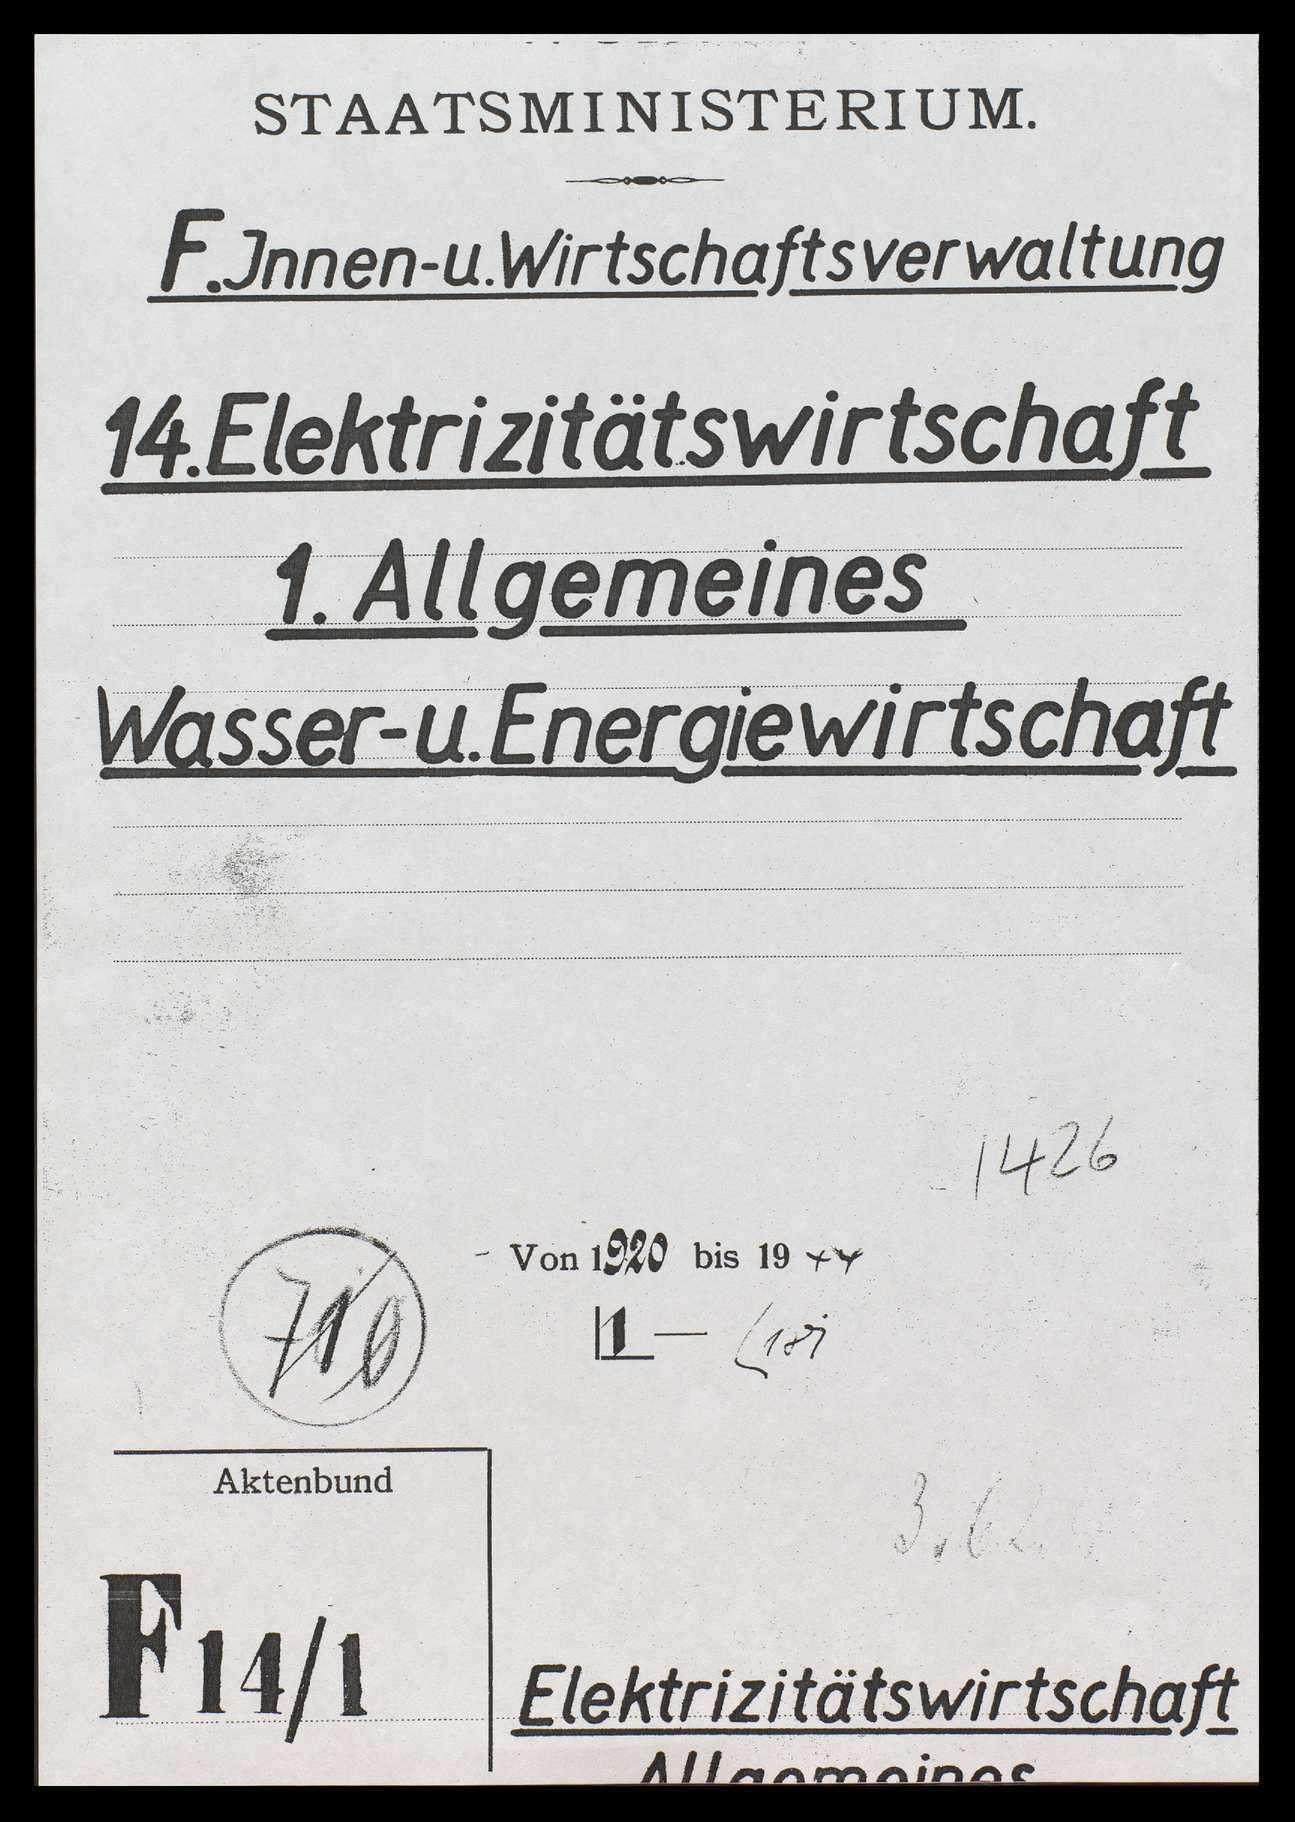 Elektrizitätswirtschaft, vor allem in Württemberg, Bild 1